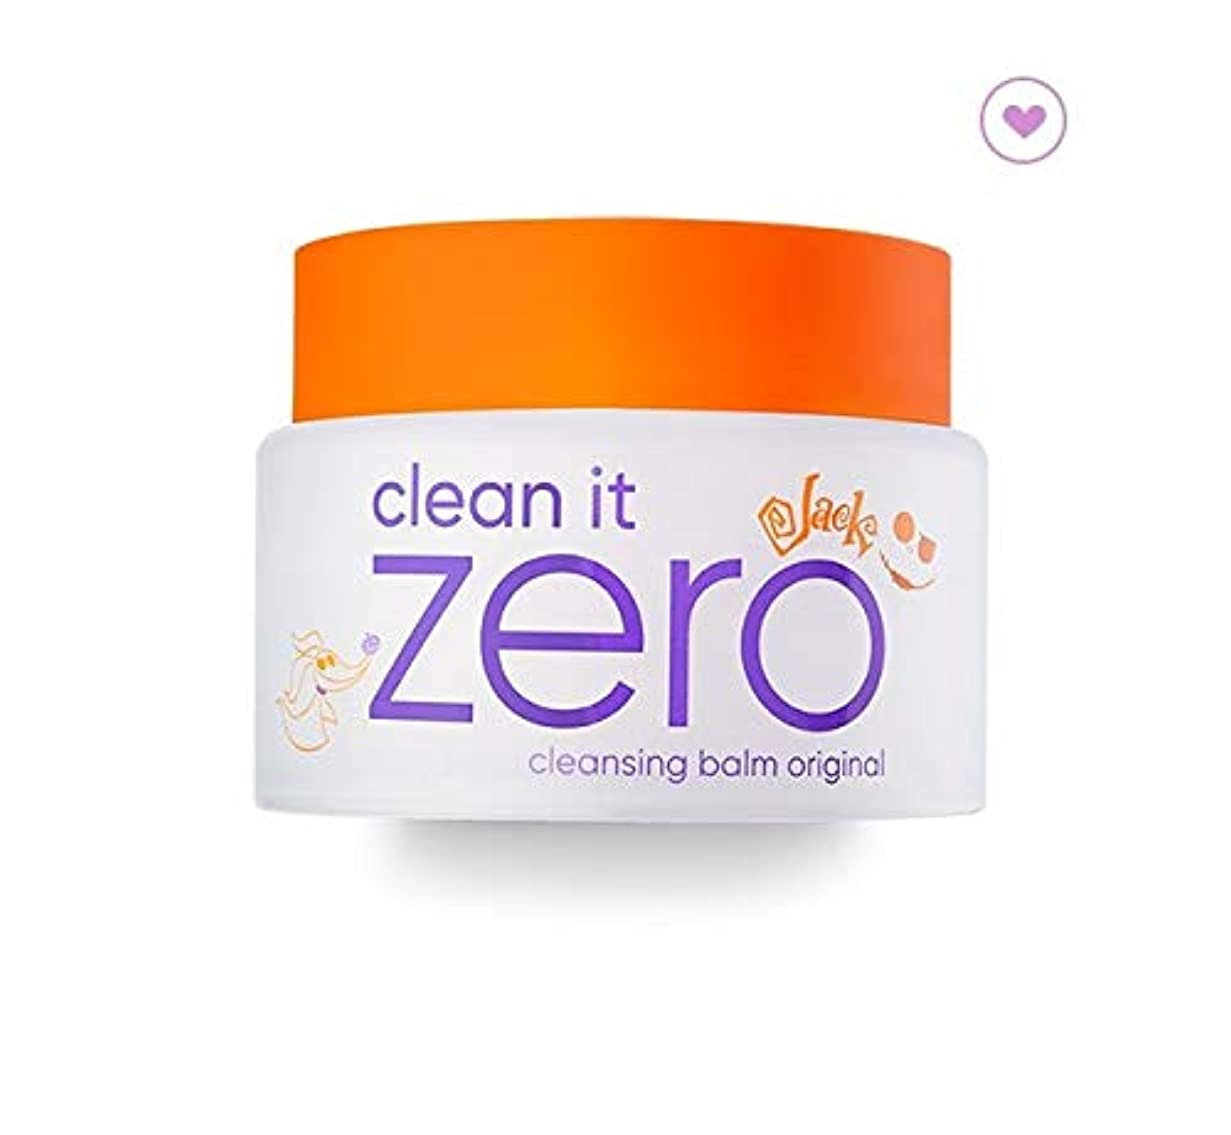 所有権電化する不器用Banilaco クリーンイットゼロクレンジングバームディズニーコレクション(オレンジ) / Clean It Zero Cleansing Balm Disney Collection (Orange) 100ml [...